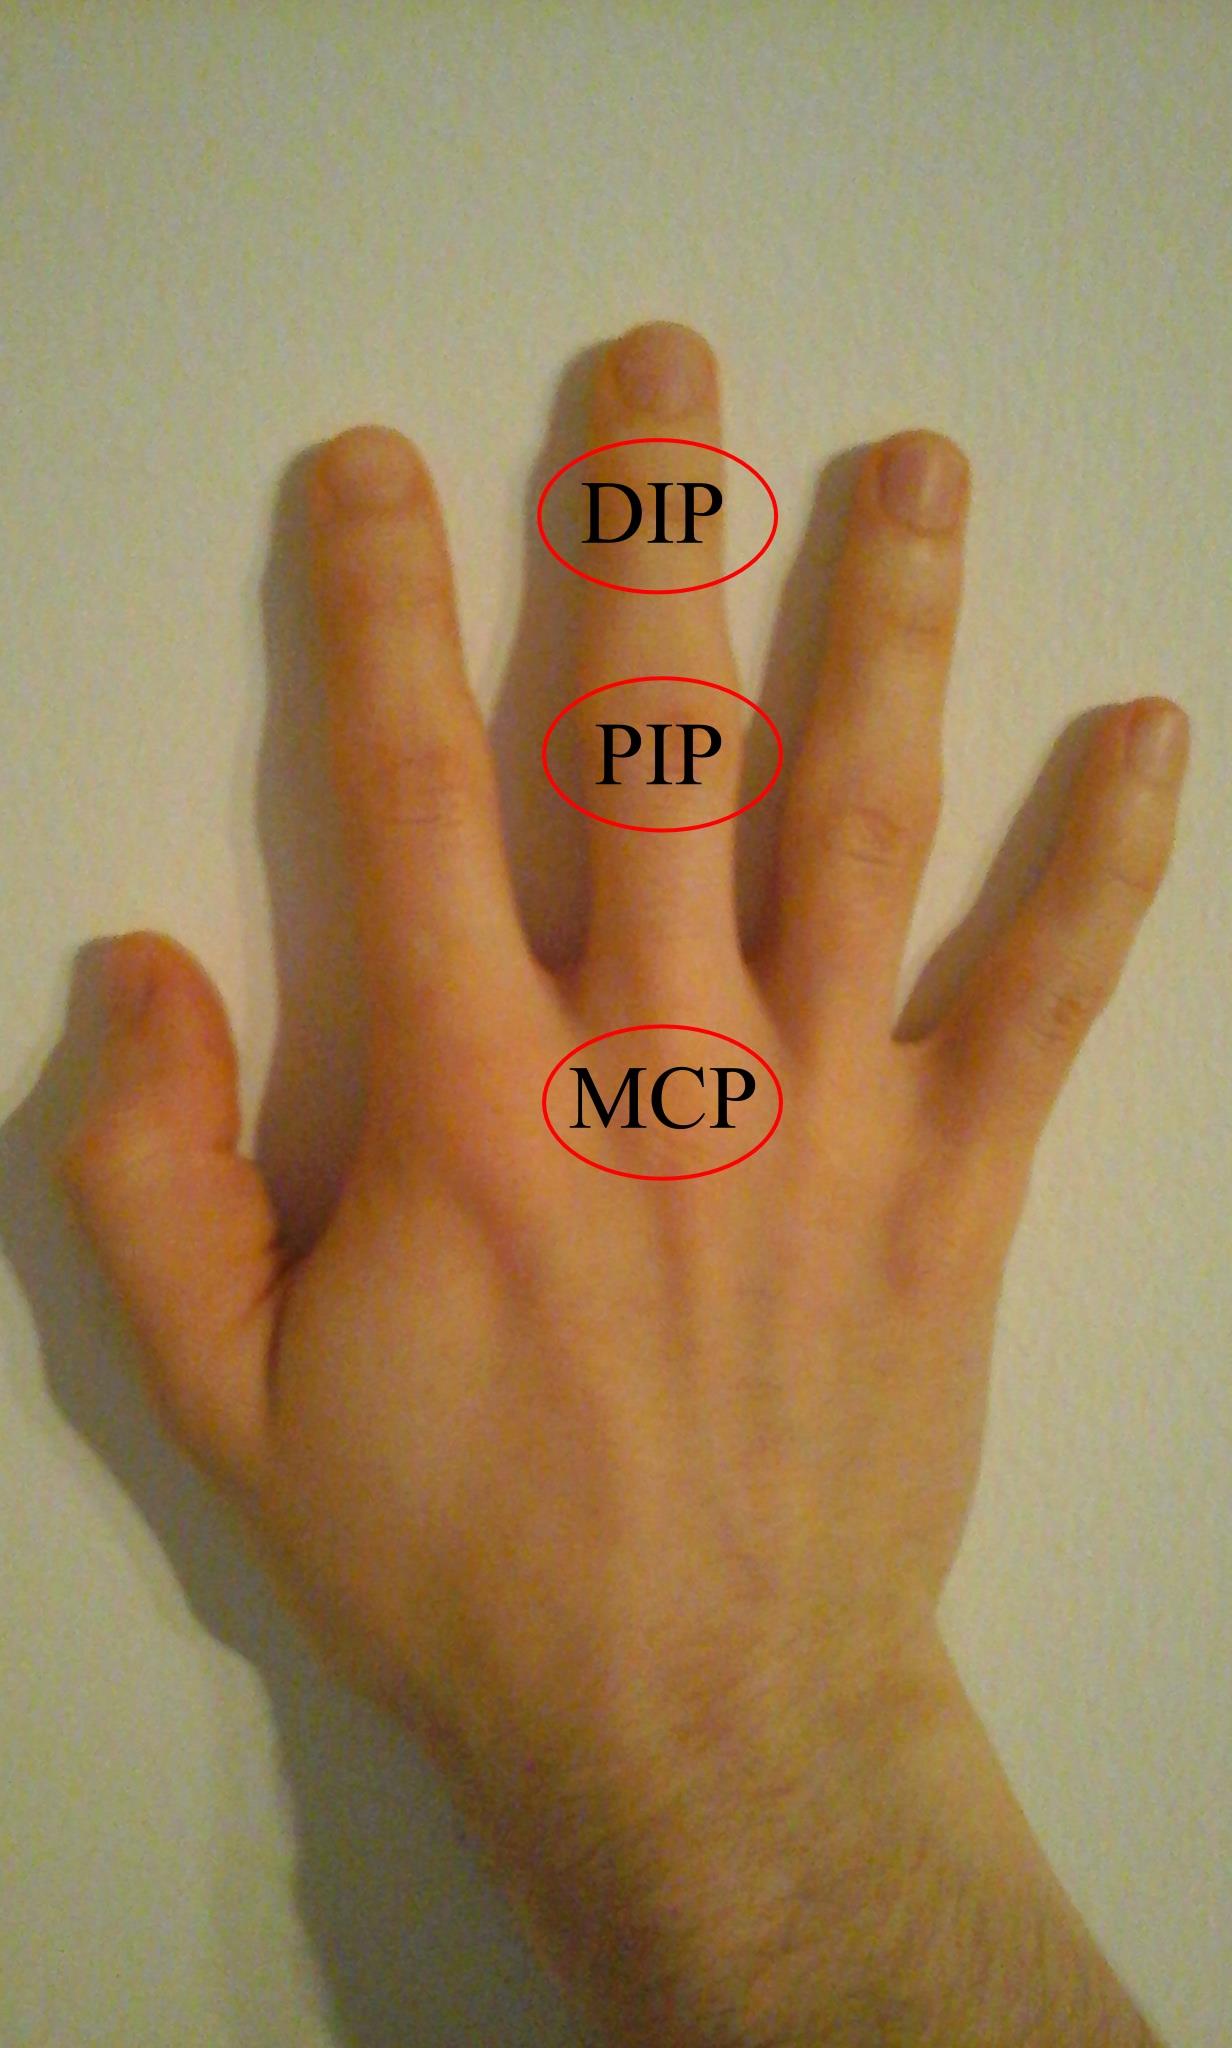 hogy néznek ki az ízületek a rheumatoid arthritisben ízületi fájdalom a gyógyuláshoz